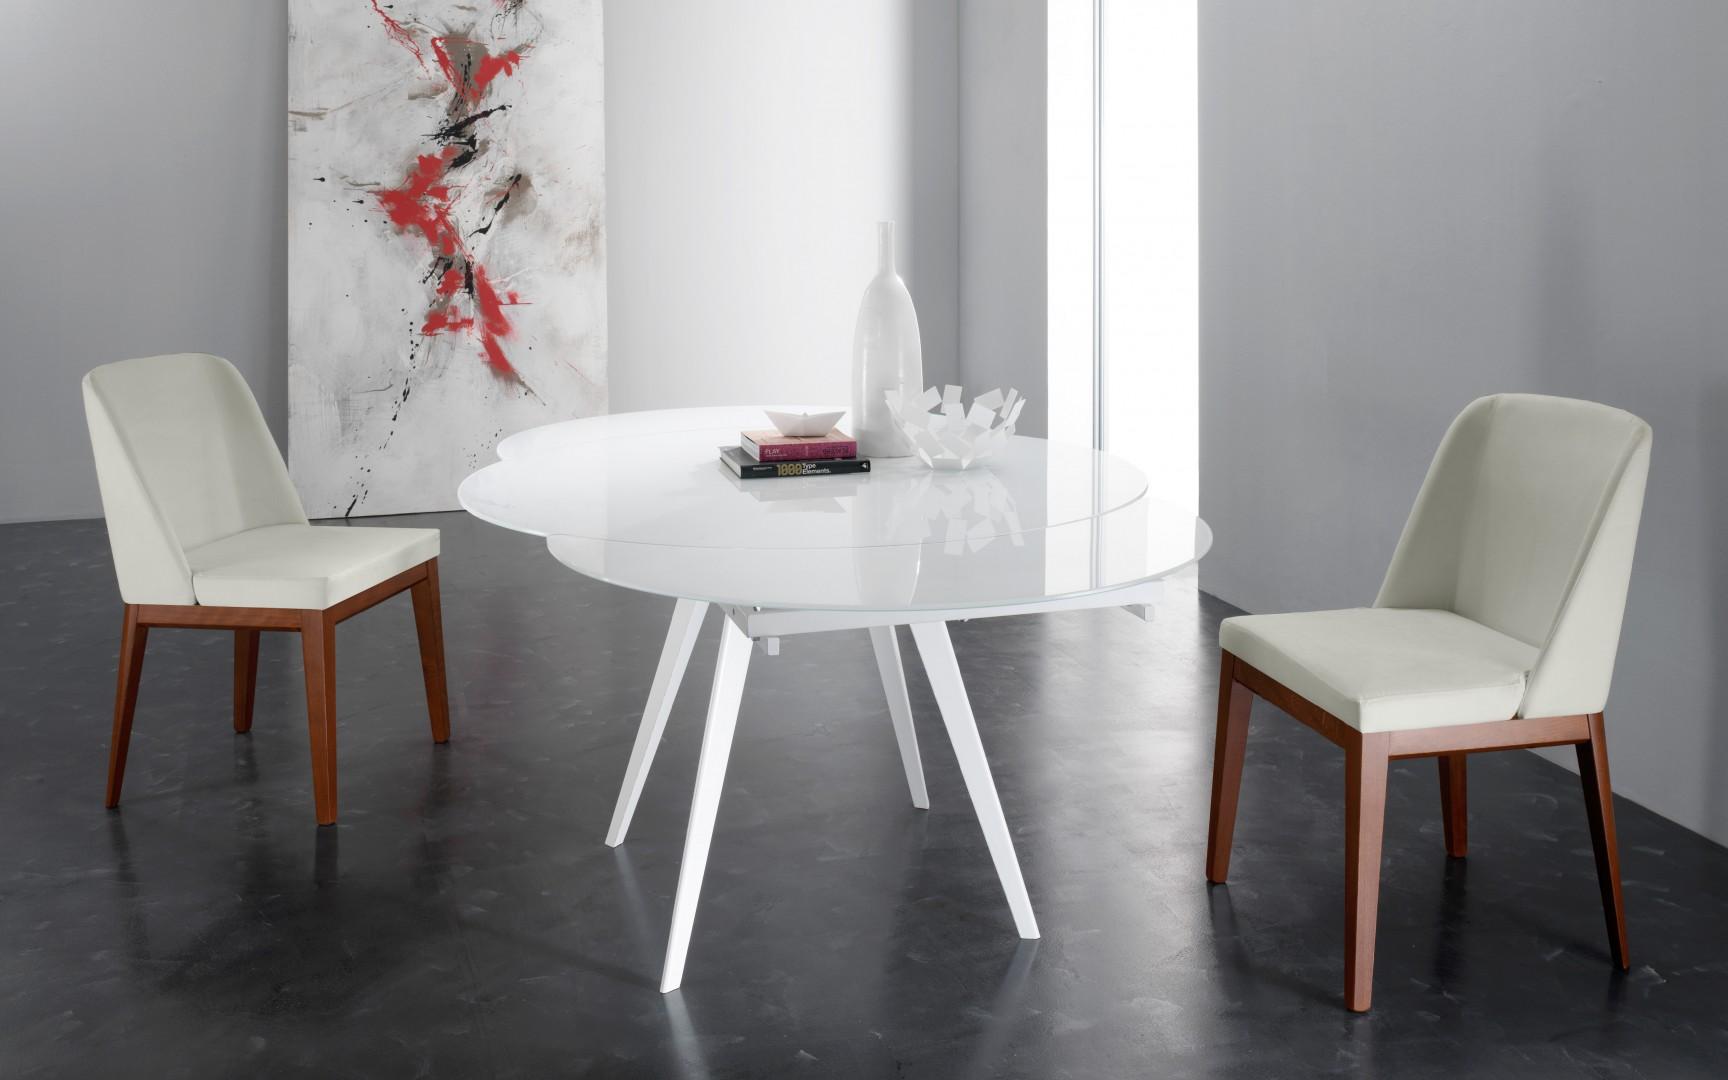 Tavolo rotondo bianco ikea trendy lack tavolo consolle for Tavolo rotondo bianco ikea